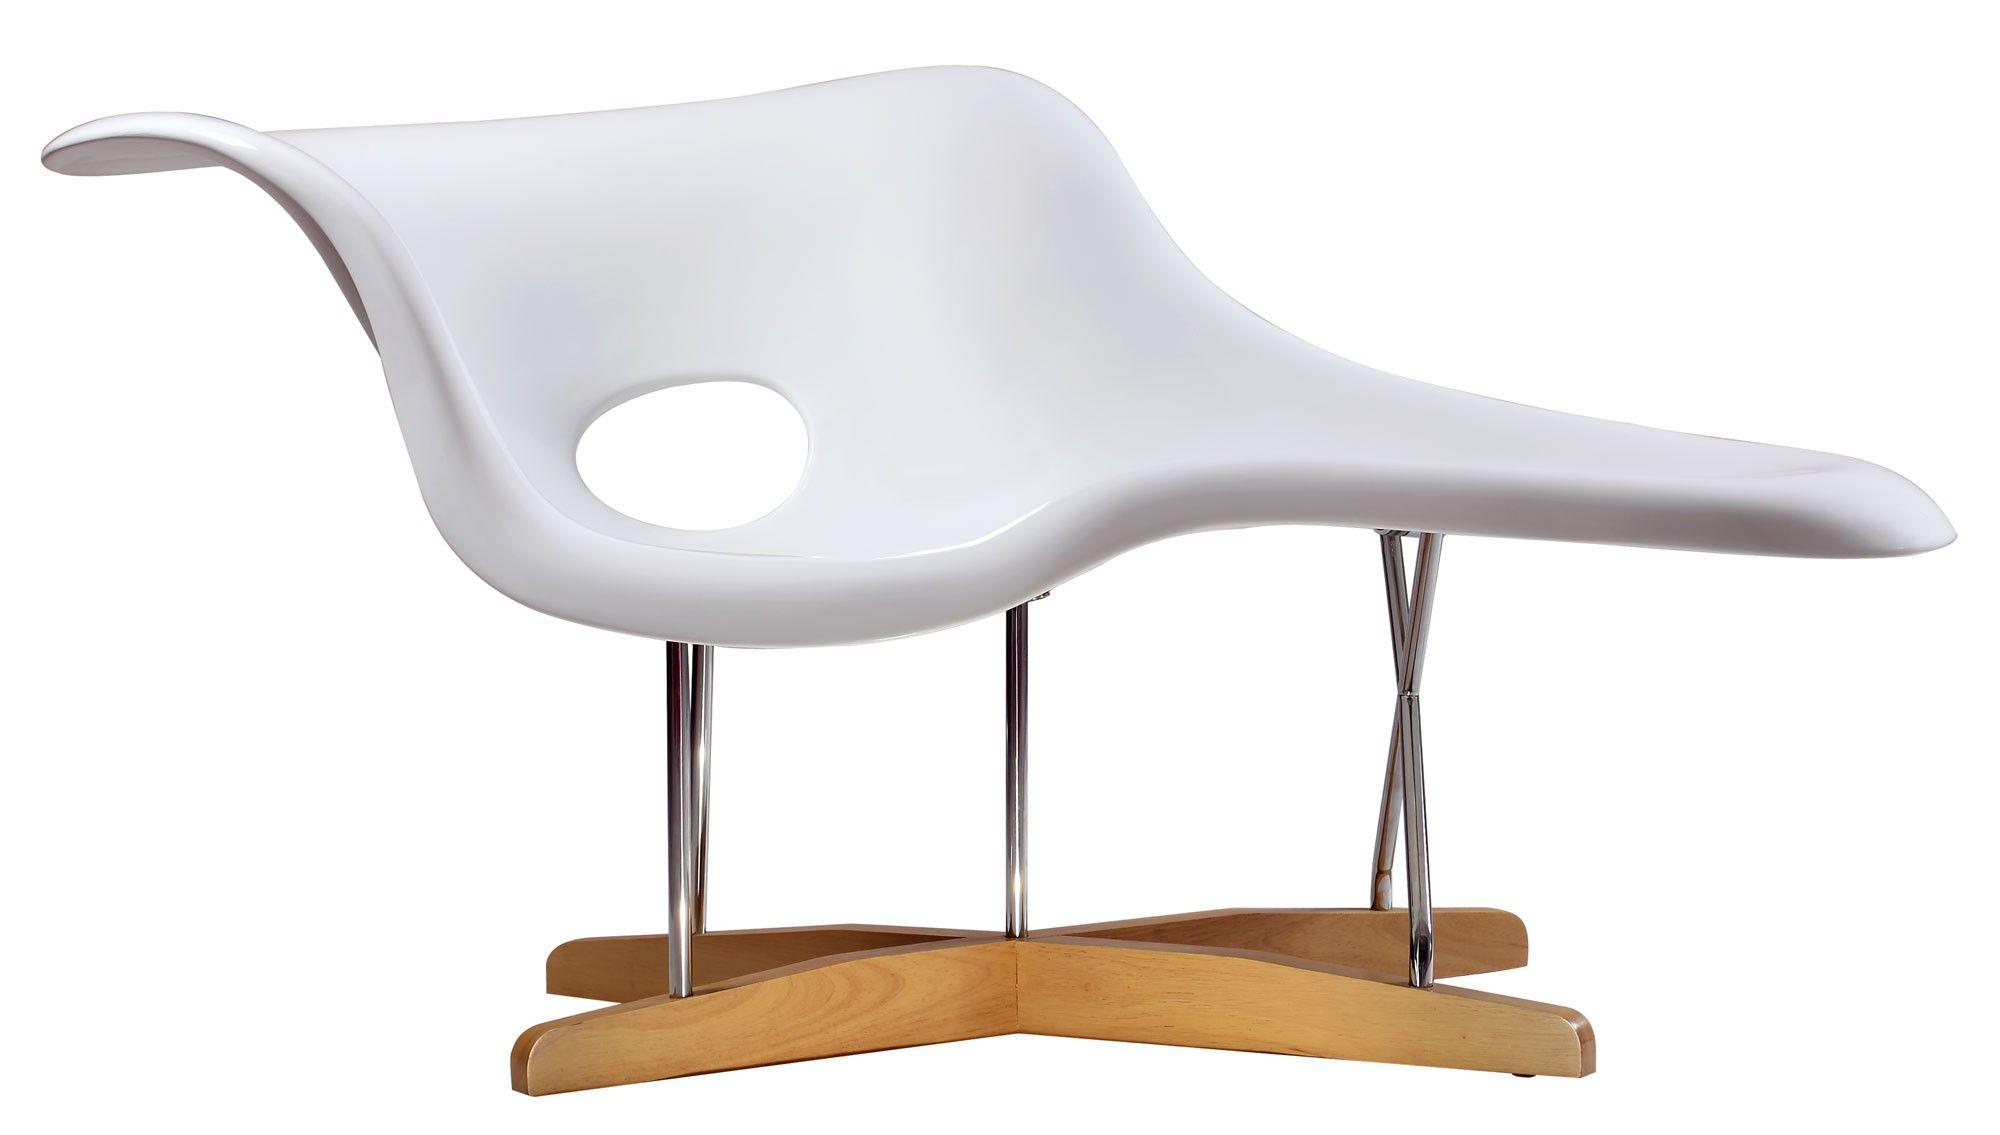 Eames La Chaise 810 at Zuffa Home